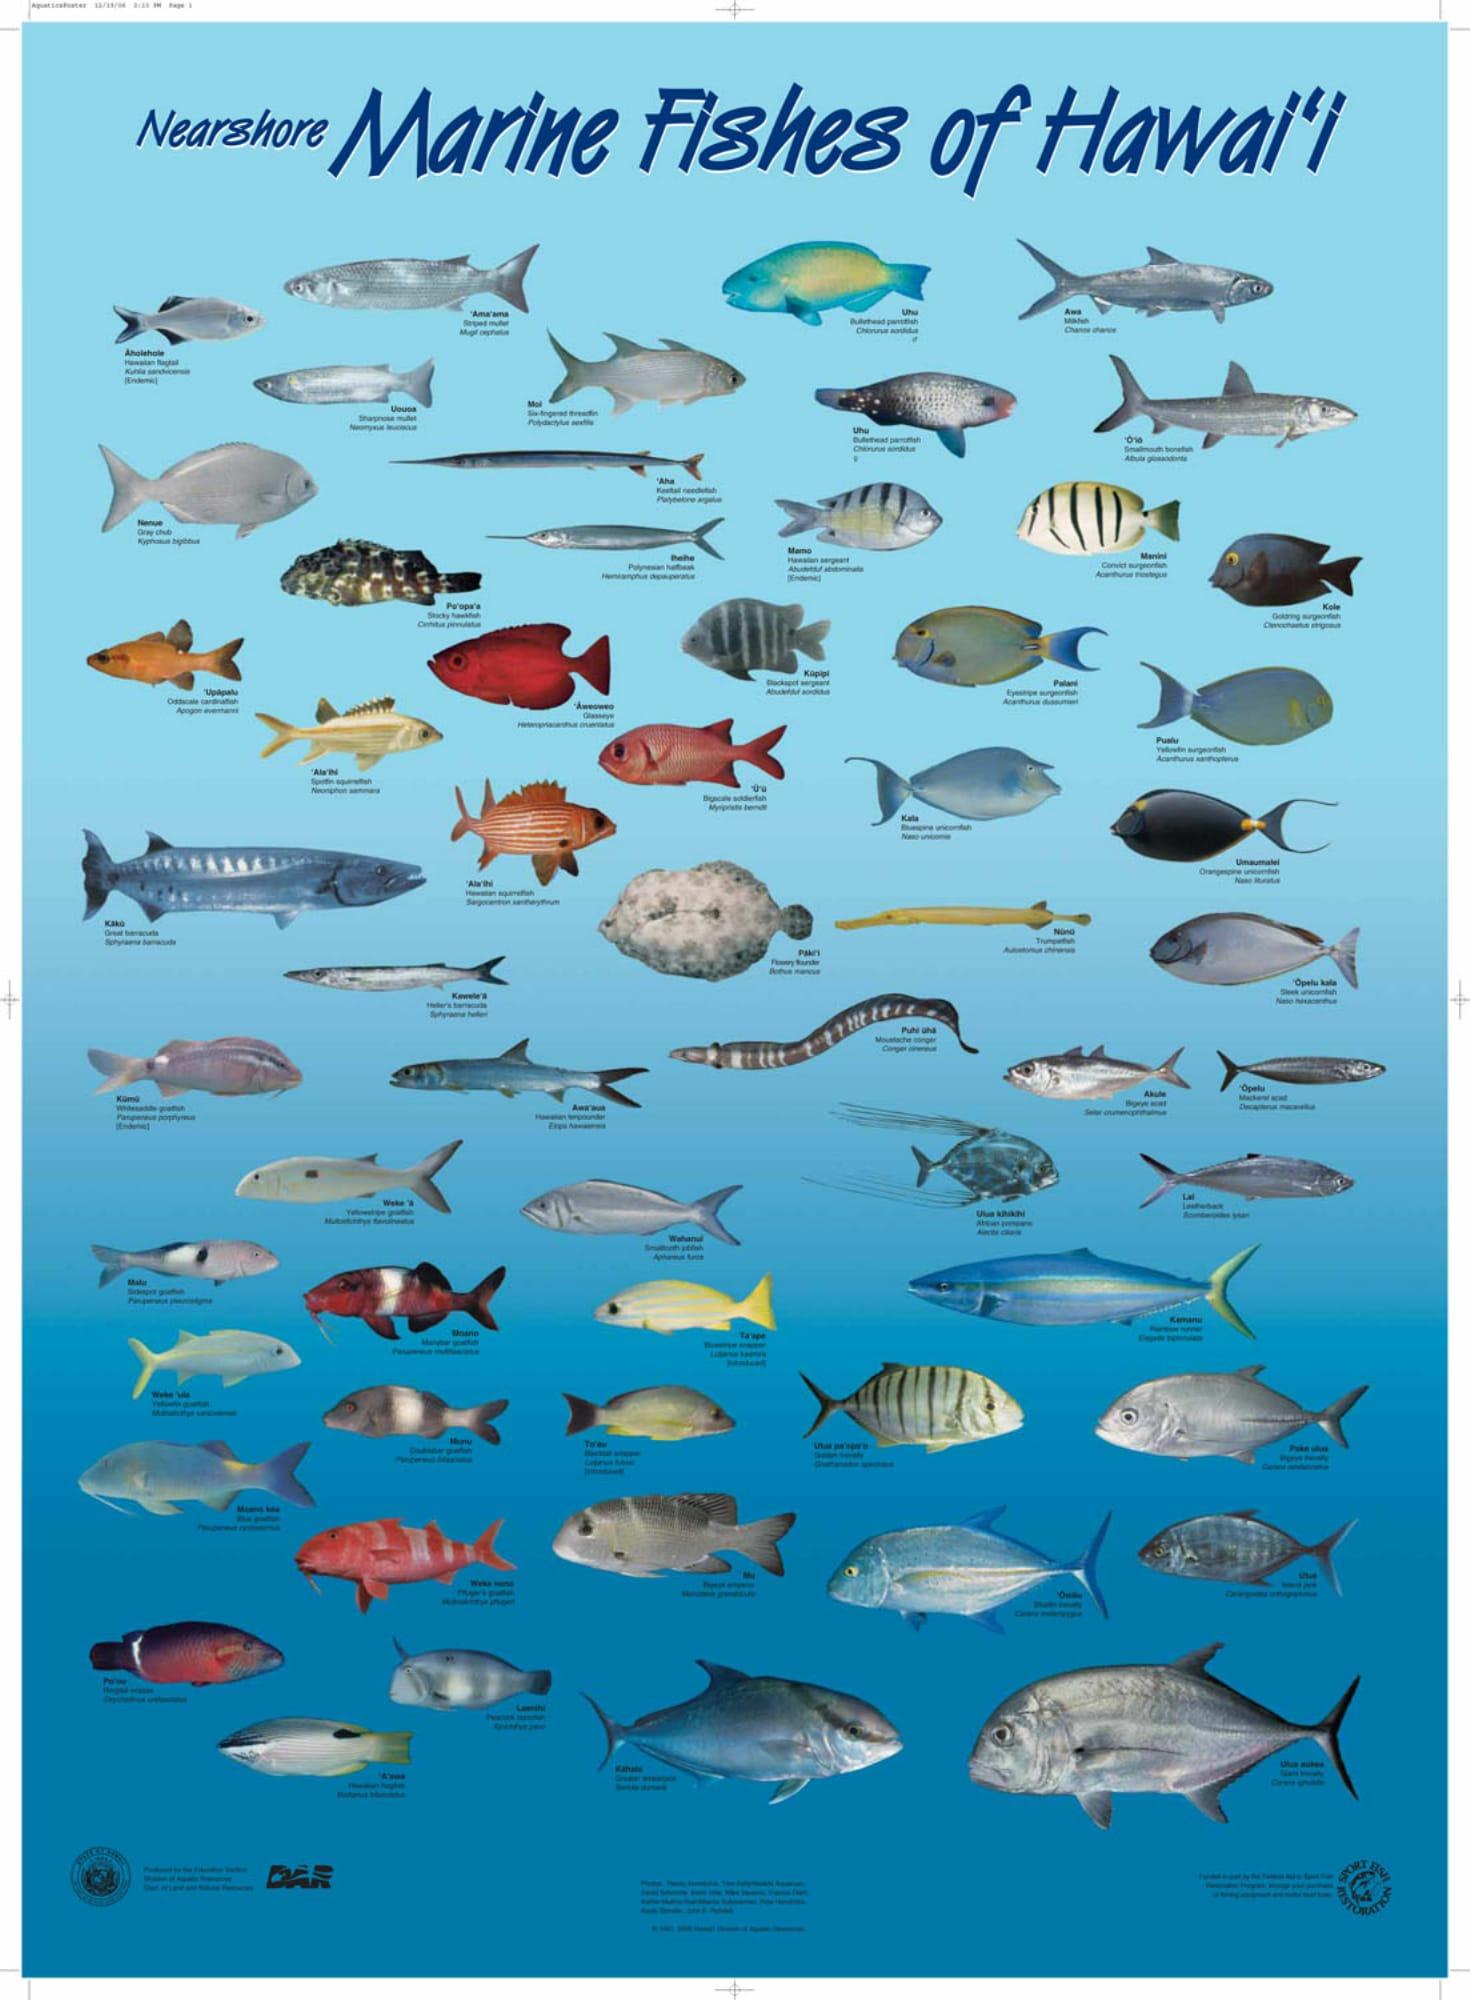 Hawaii Marlin Fishing  Hawaiian Species All